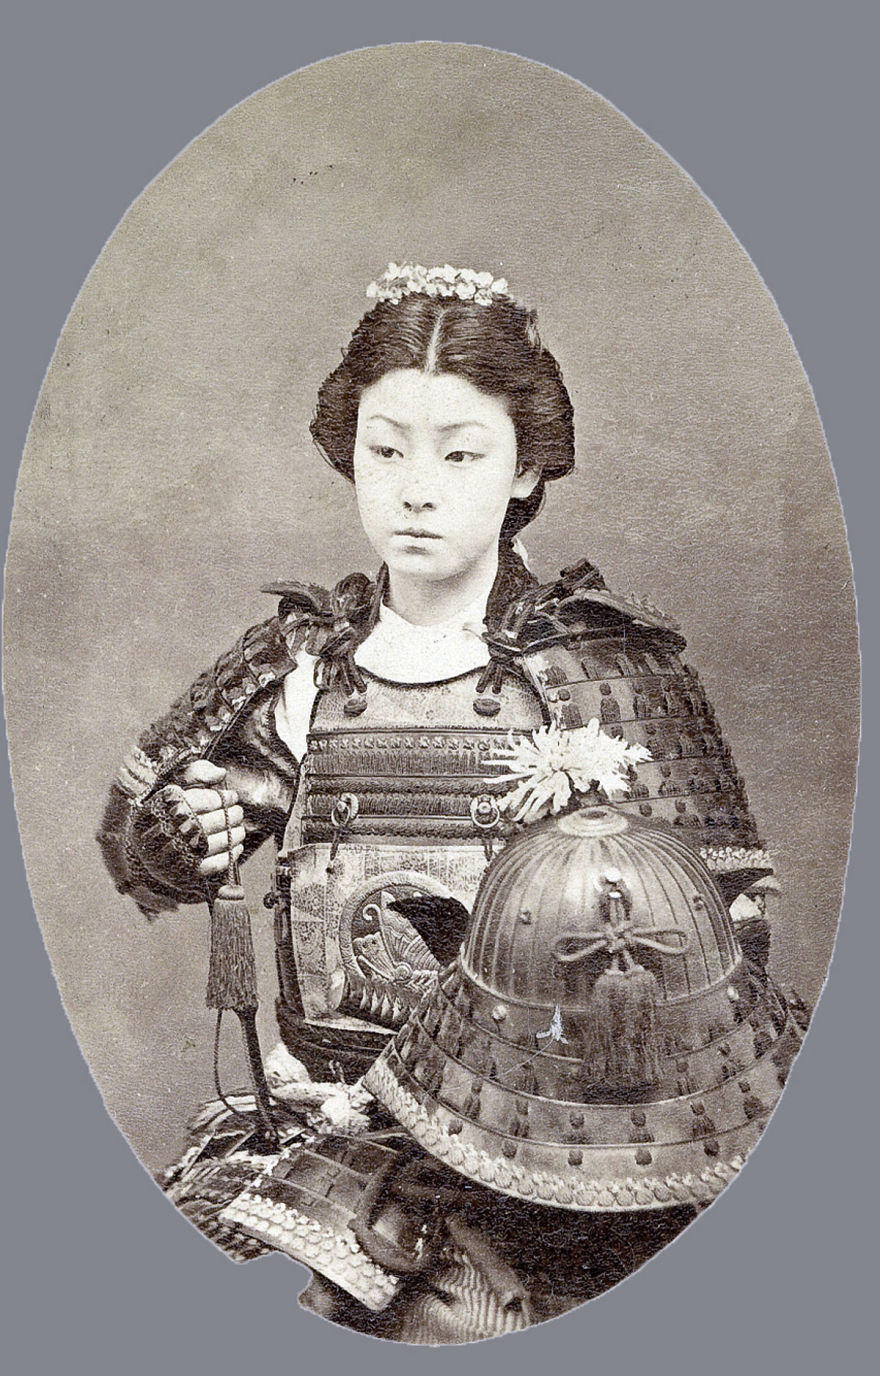 fotos-coloreadas-ultimos-samurais (8)